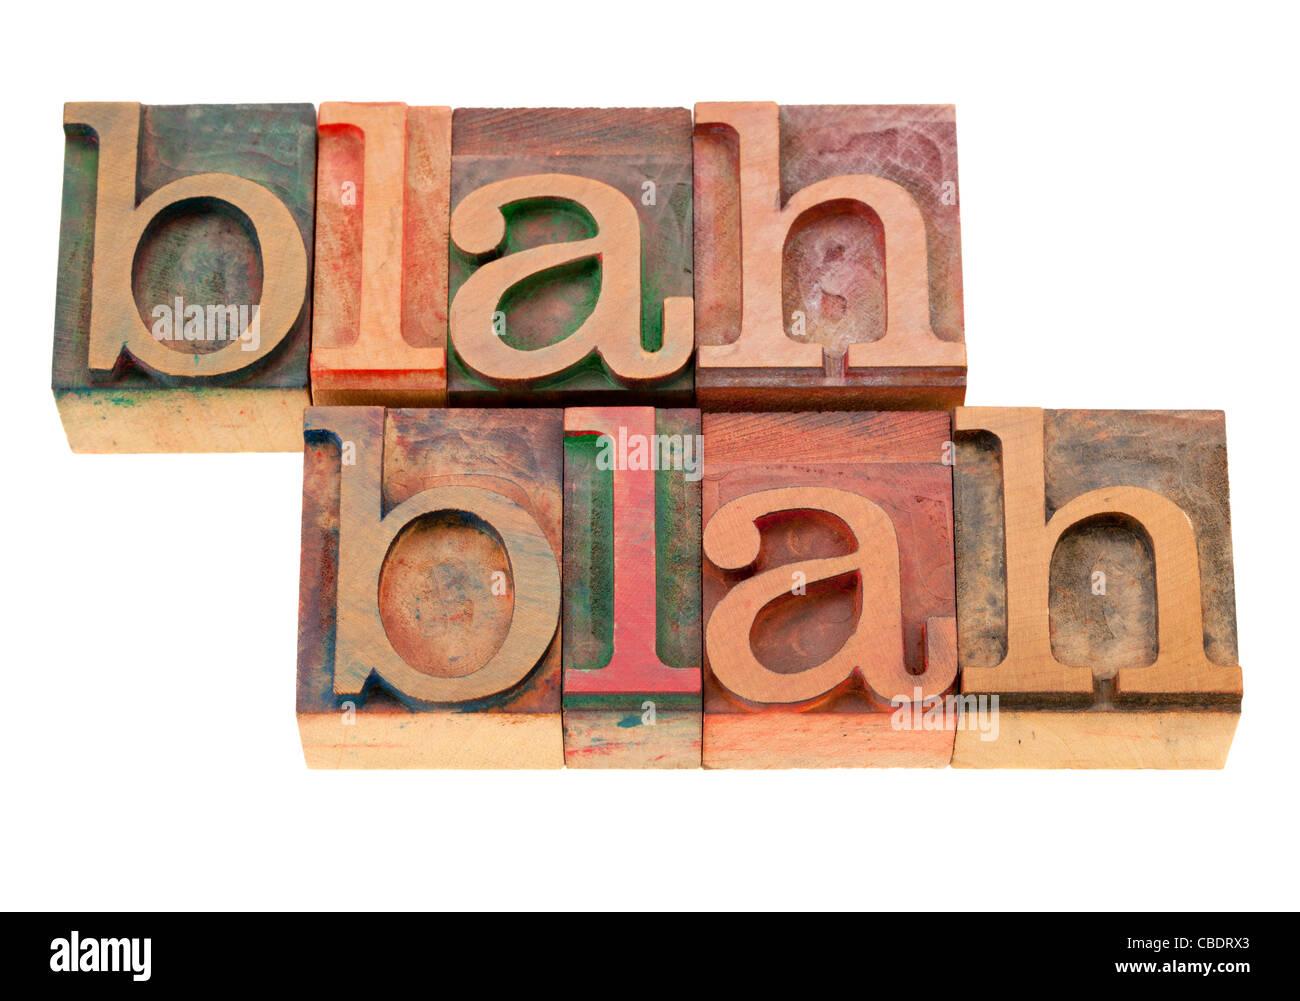 Blah Blah absurde de parler - des mots isolés en bois blocs typographie vintage Photo Stock